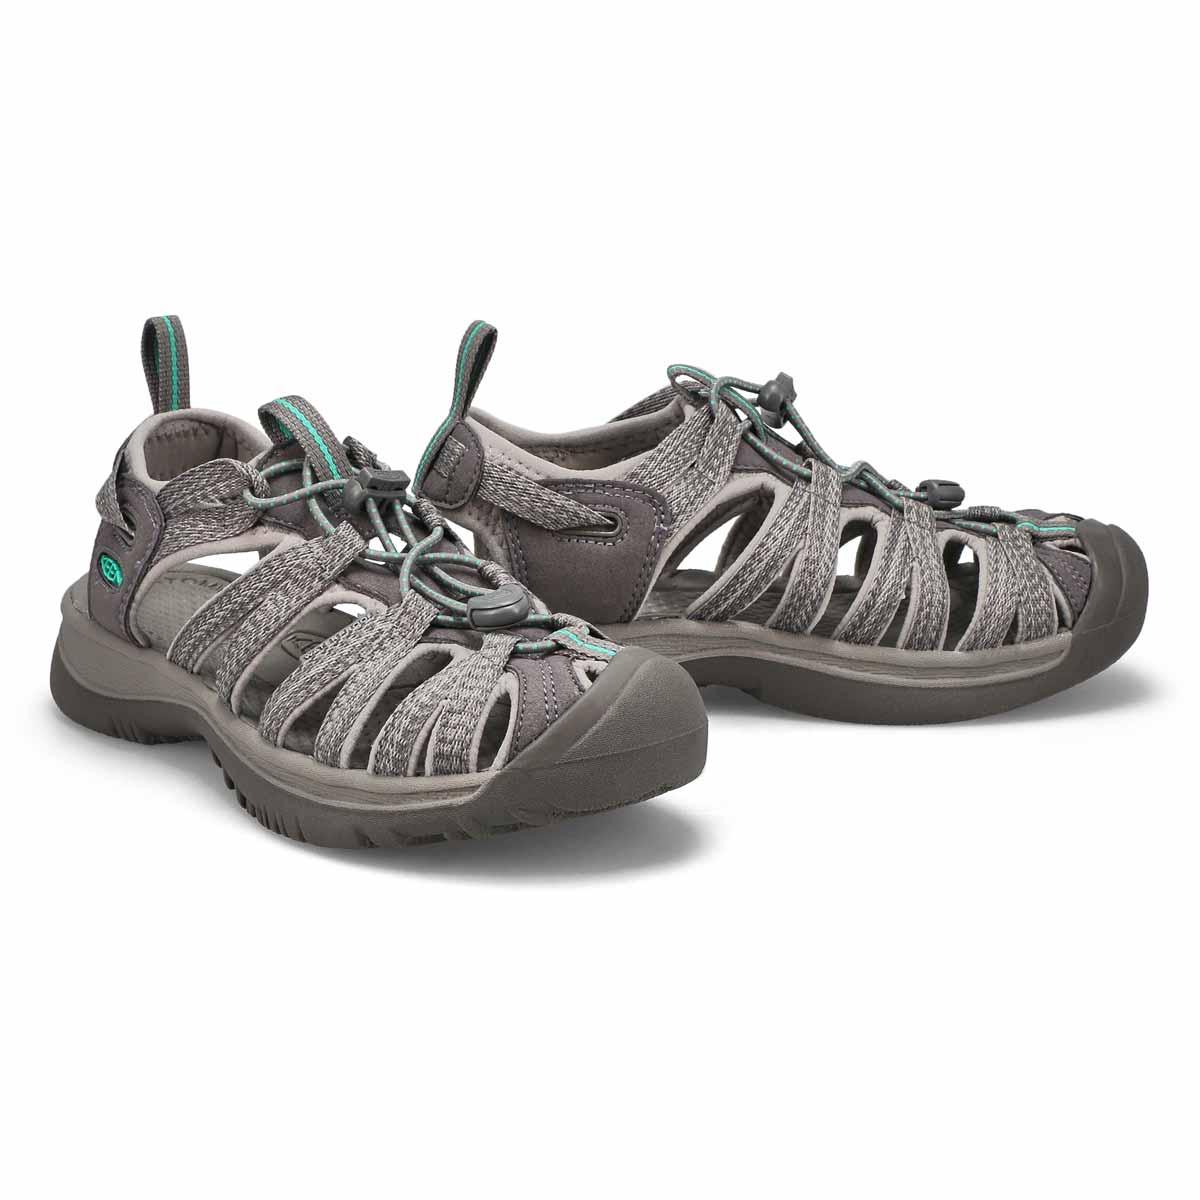 Women's Whisper Sport Sandal - Grey/Green